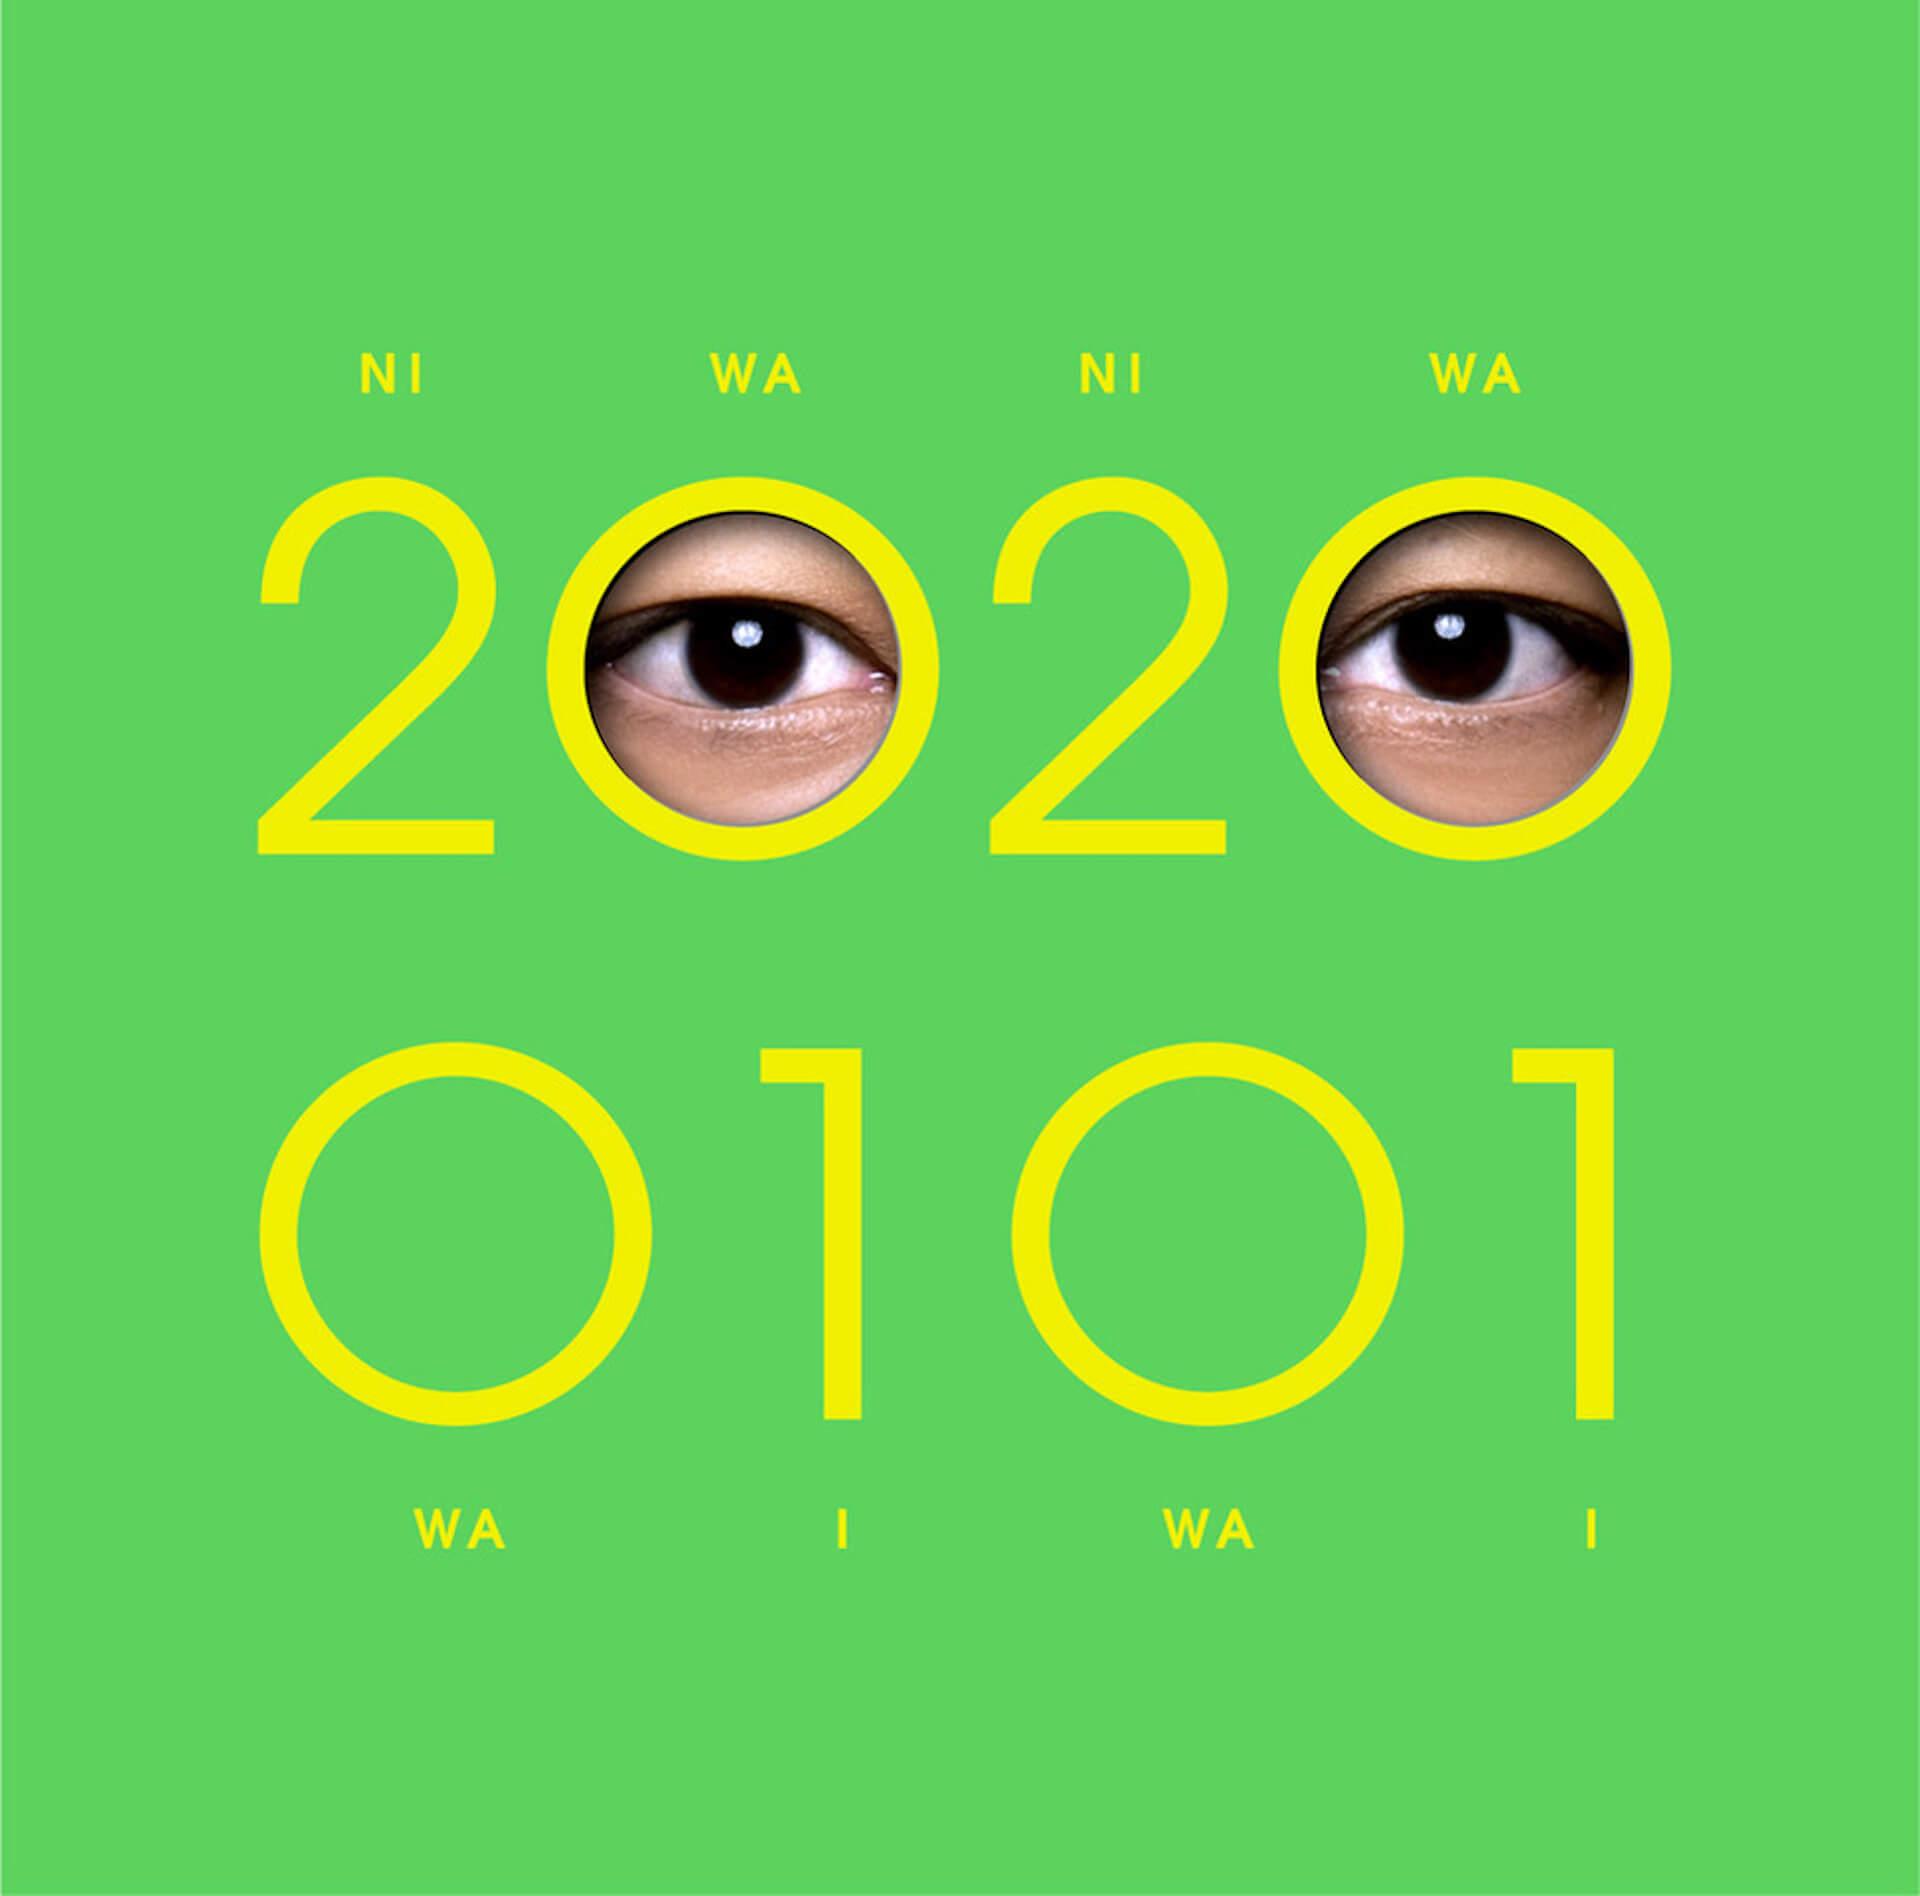 香取慎吾のアルバム『20200101』が週間ランキング4冠達成!さいたまスーパーアリーナでの初ソロコンサート開催も決定 music200109_katorishingo_1